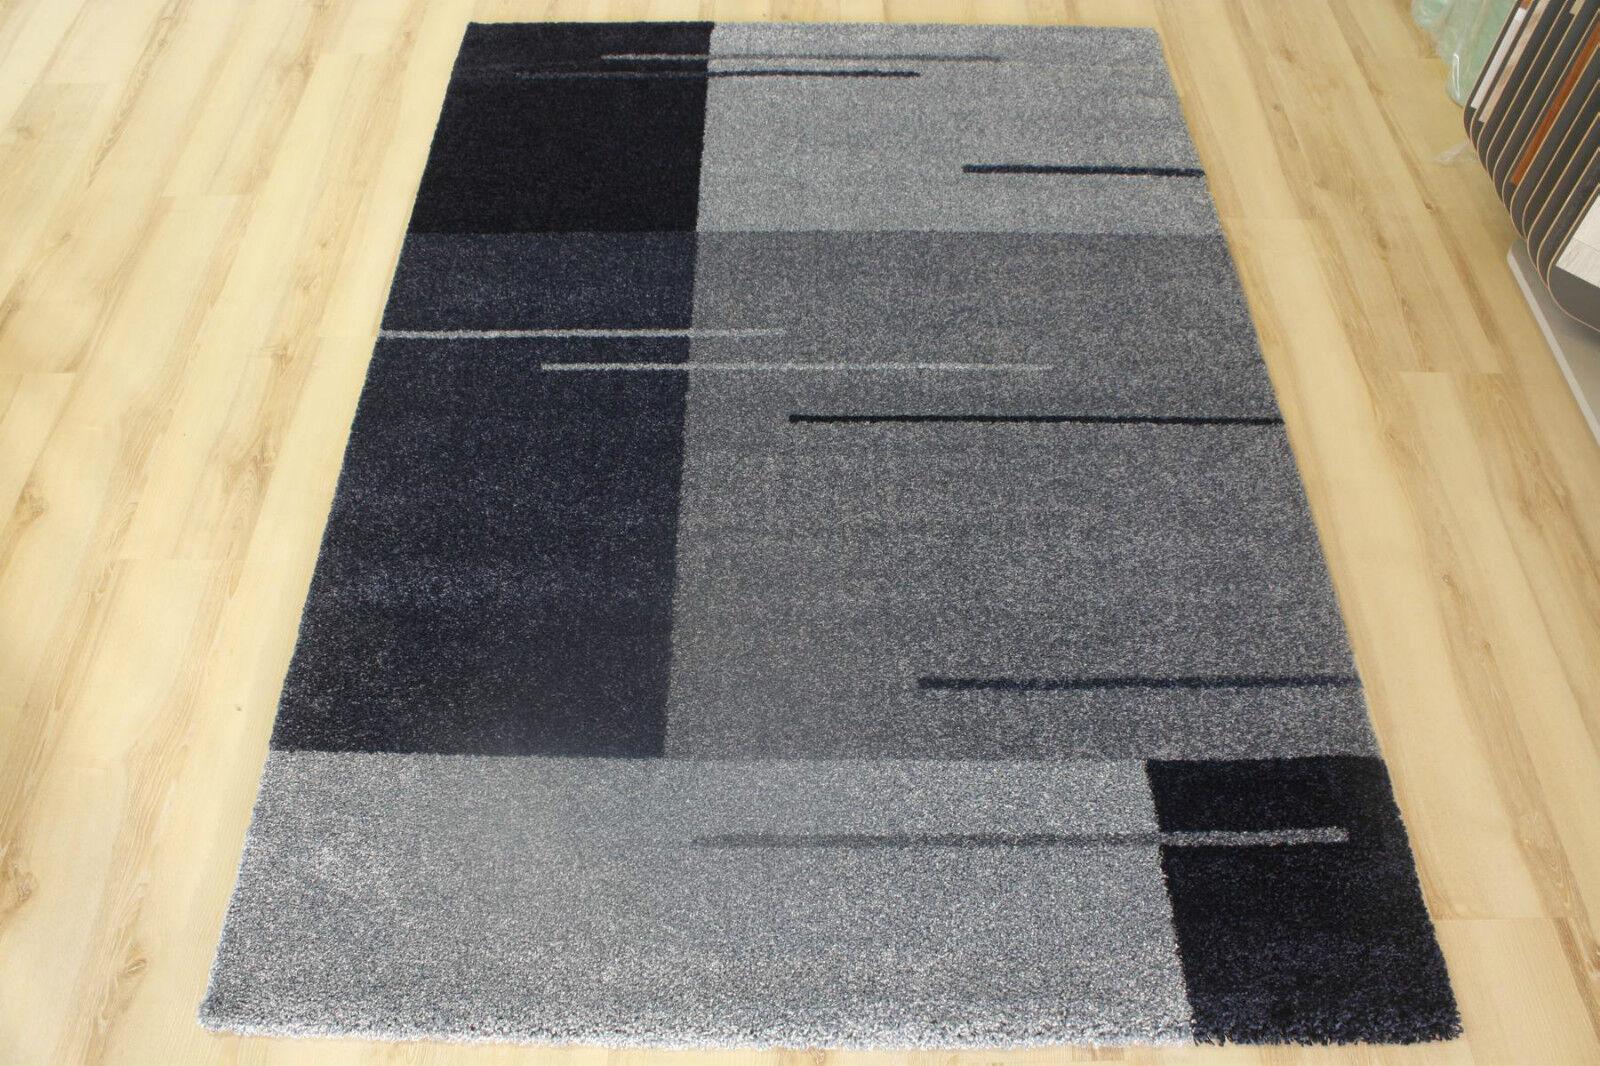 ASTRA samoa tapis 6870 002 020 bleu 80x150cm NEUF